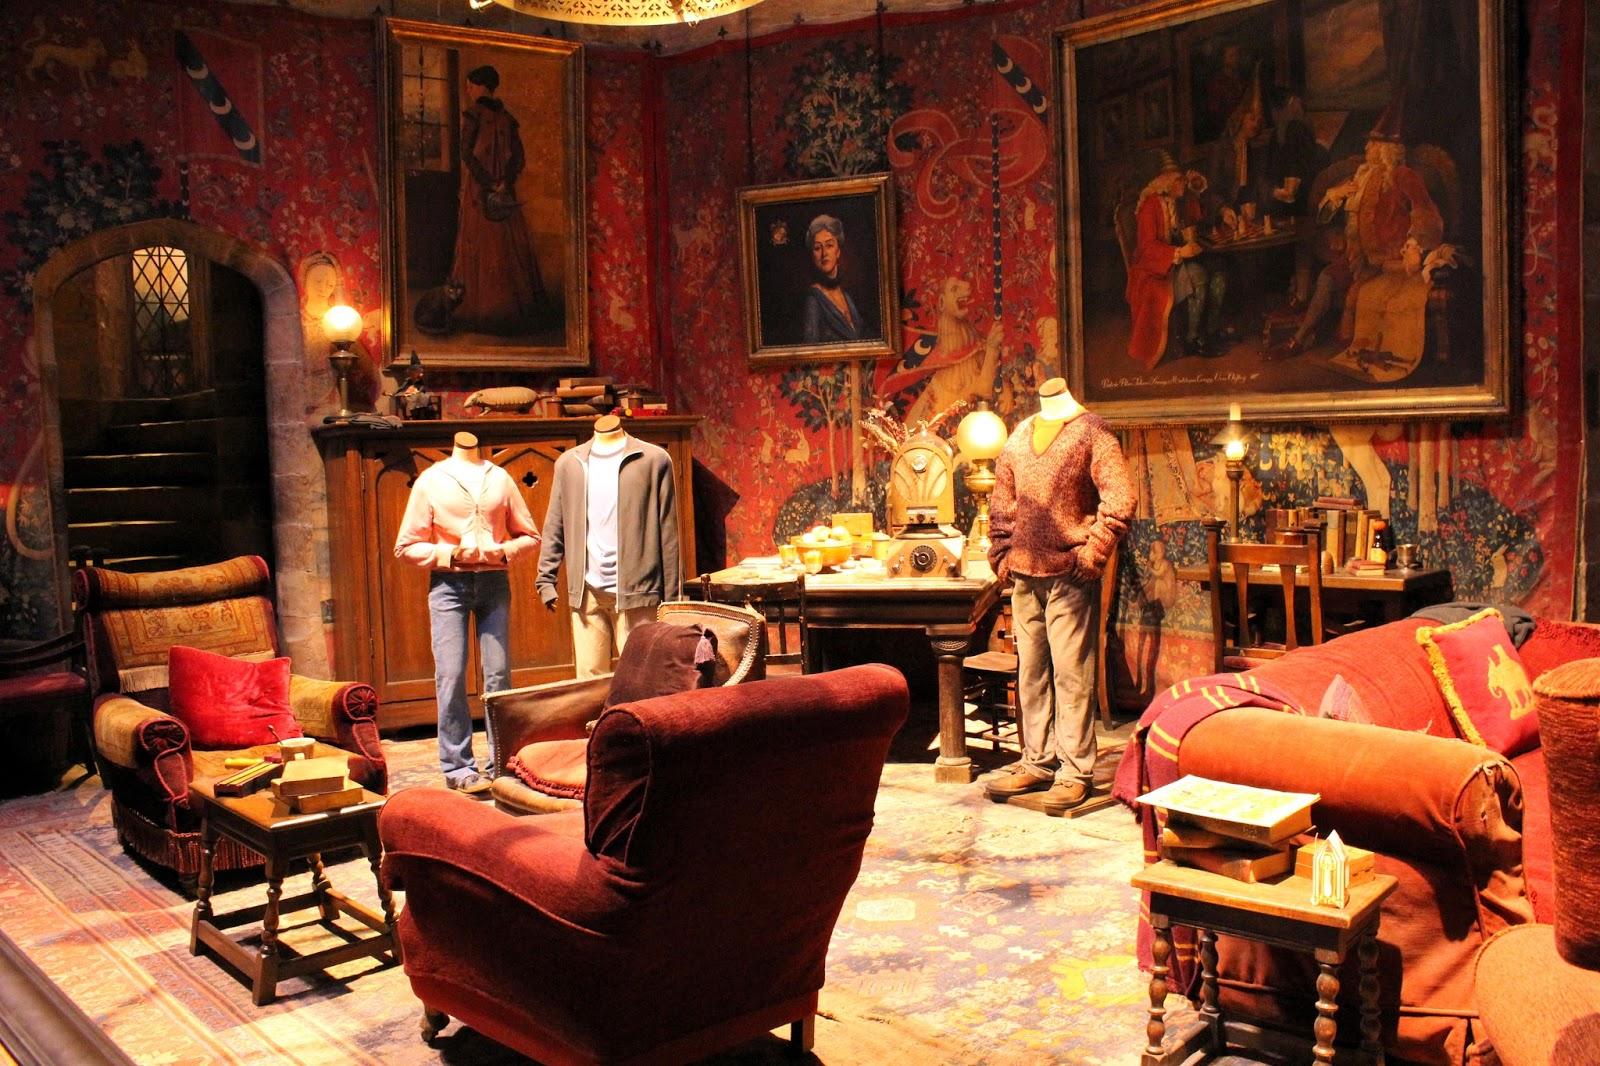 The Jensen Life Harry Potter Studio London